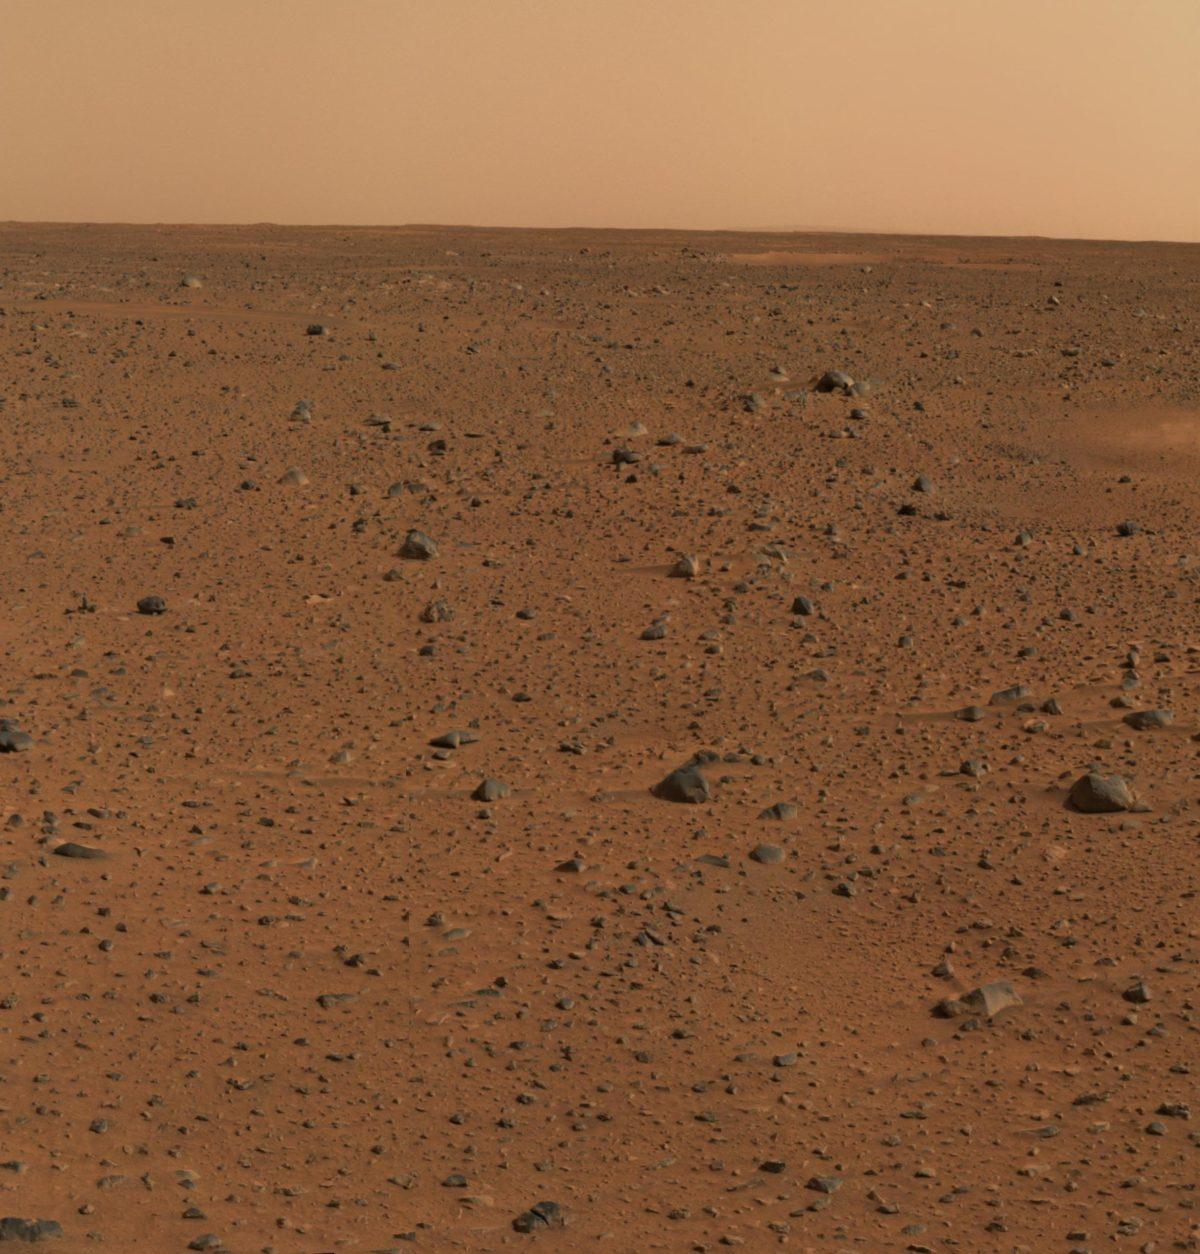 Первое цветное изображение Марса, сделанное панорамной камероймарсохода «Спирит»